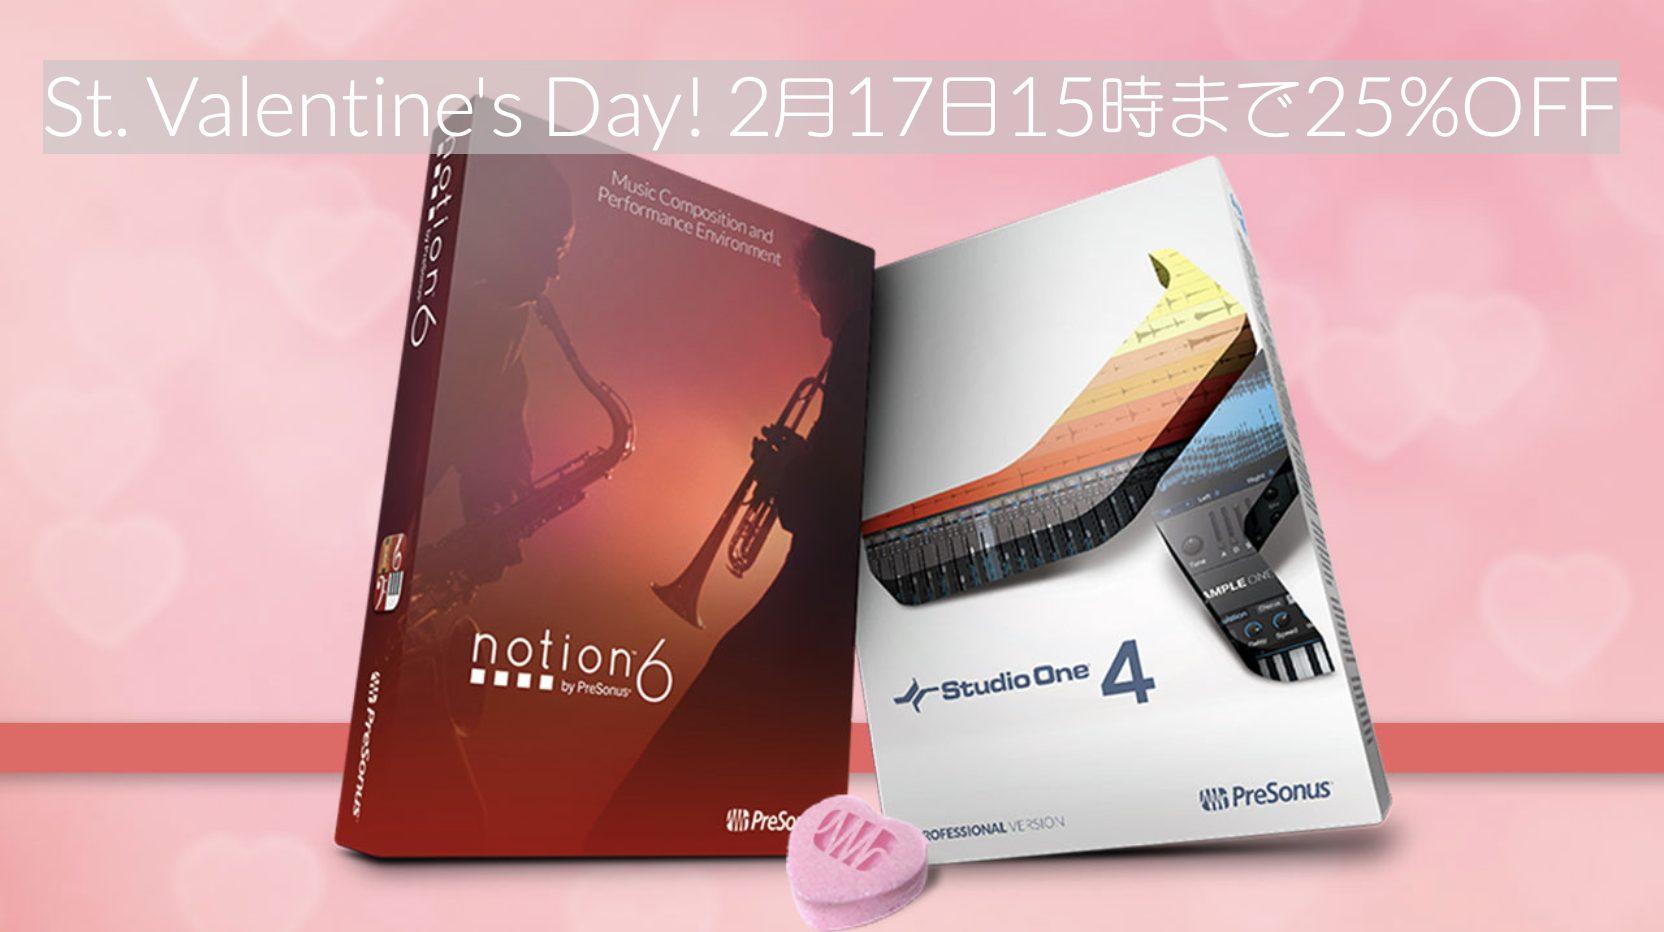 【25%OFF】Studio One & Notionがバレンタインセール中!